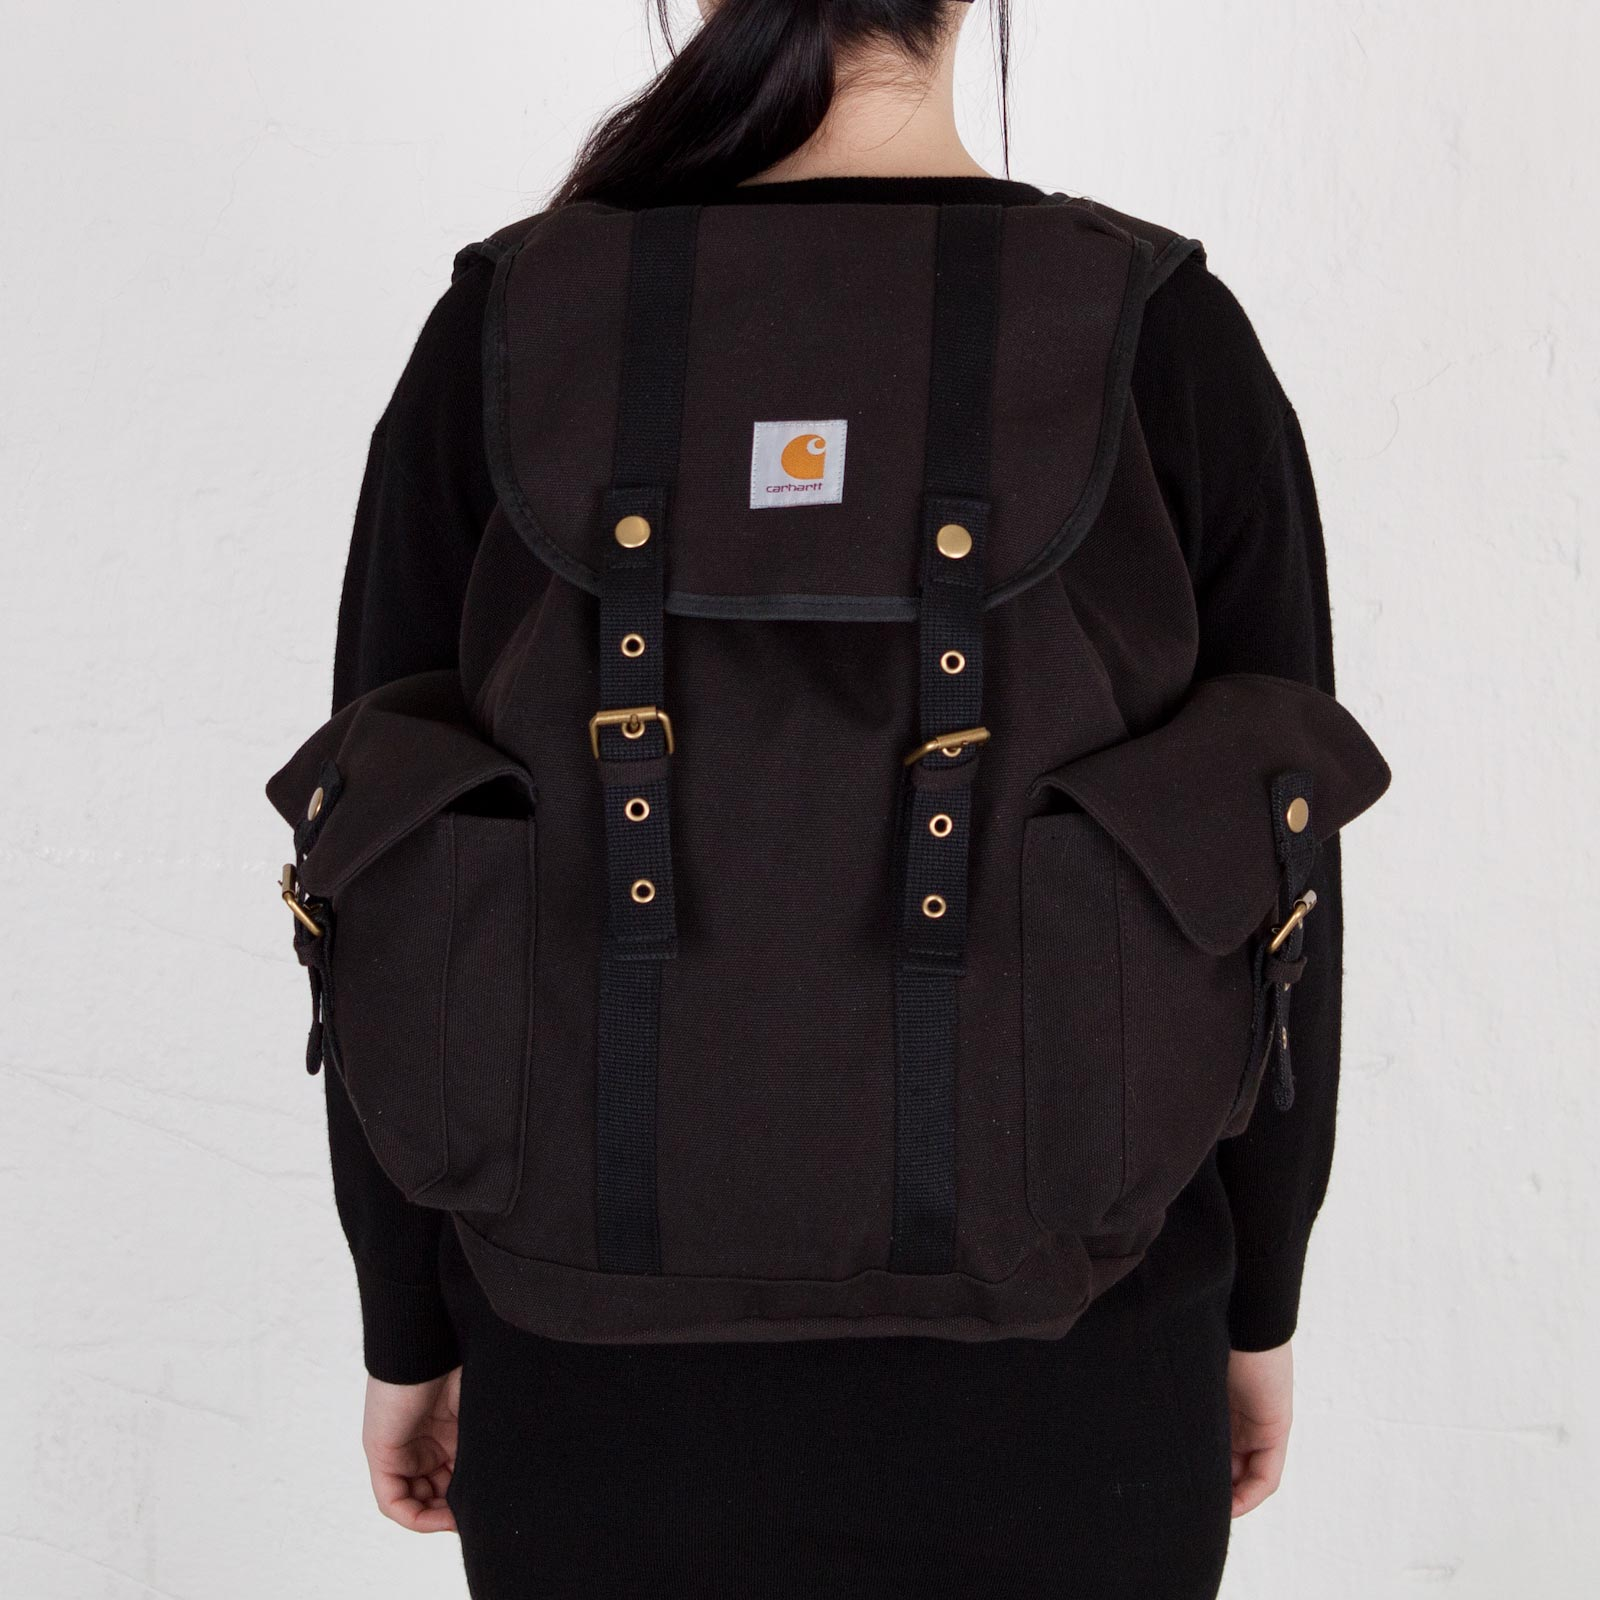 Carhartt WIP Tramp Backpack - I012404.89.00.06 - Sneakersnstuff ...